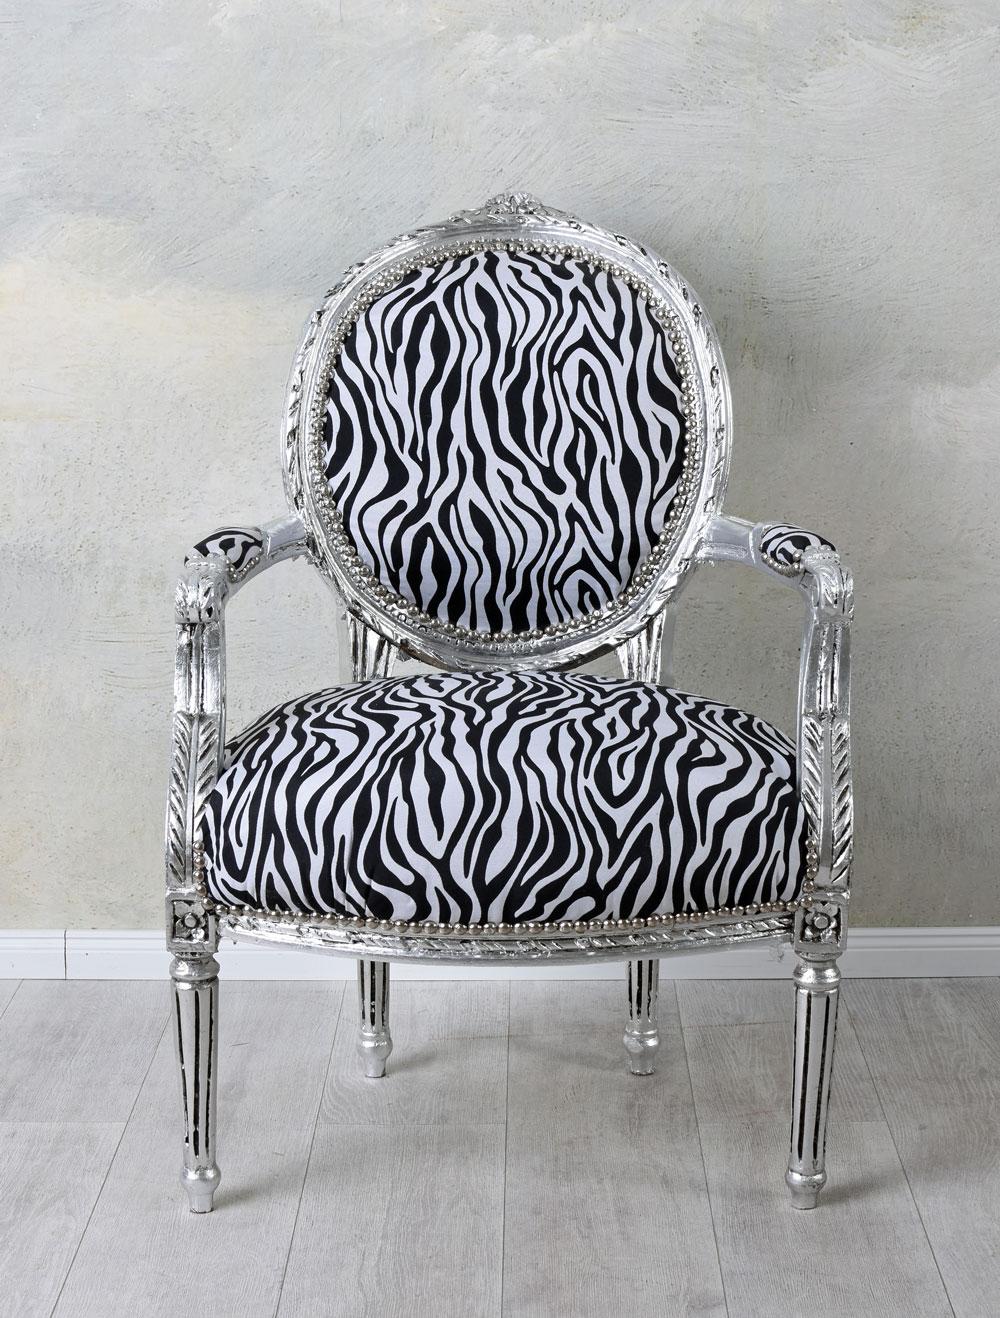 Silla de comedor vintage sillón barroco armlehnstuhl acolchado silla de madera silla silla